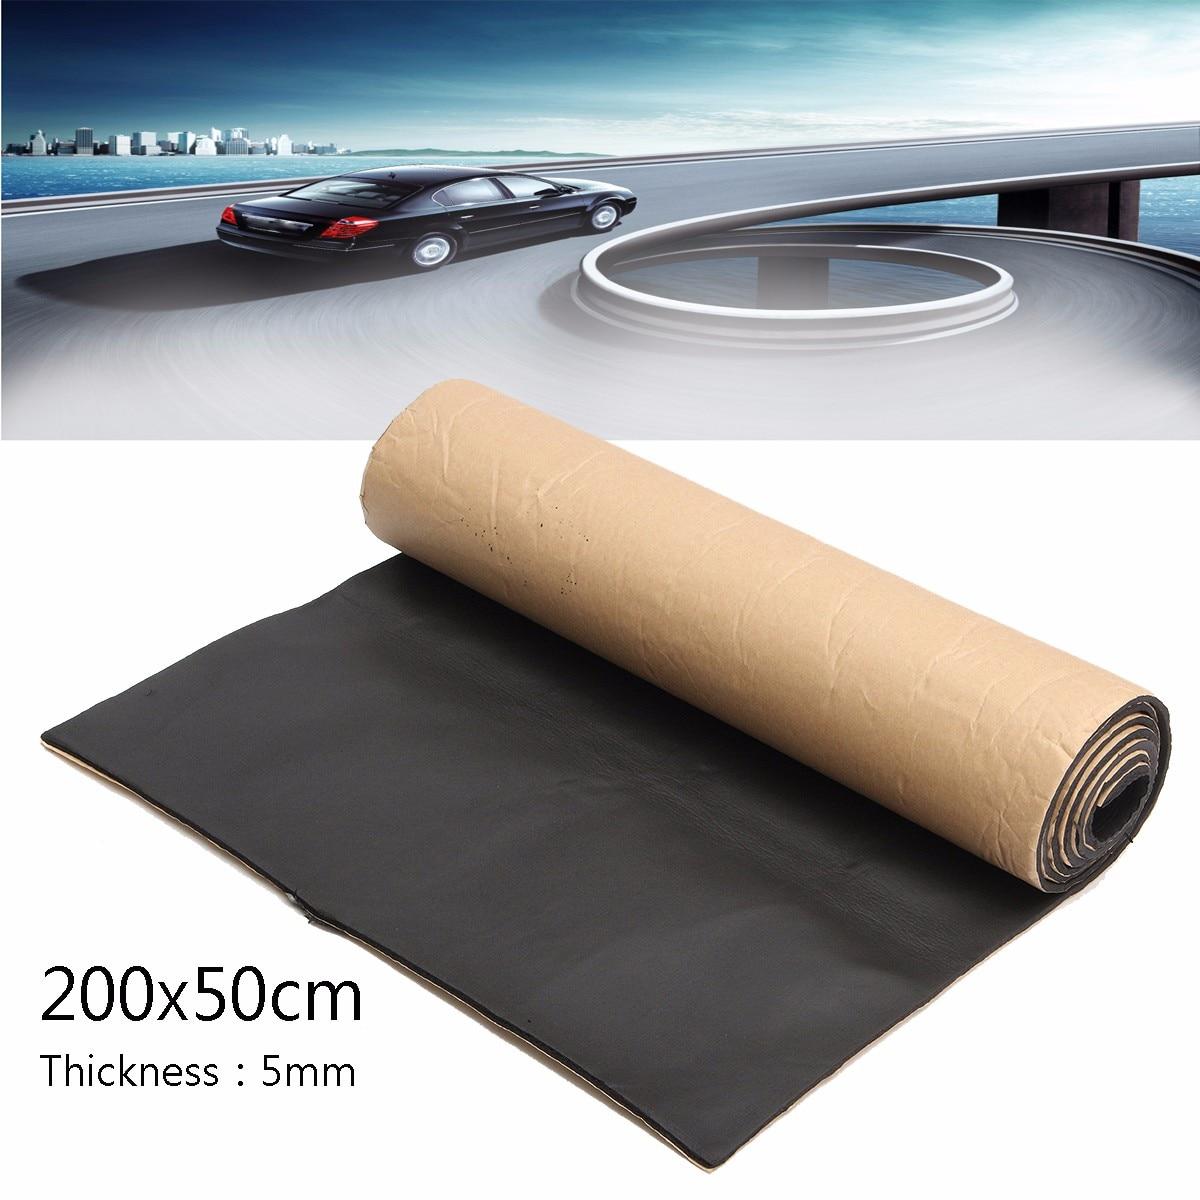 Rolo 200X50 1 cm 36 sqft Car Auto de Amortecimento de Som Algodão Isolamento Térmico Almofada de Espuma Material de Interiores de Automóveis acessórios